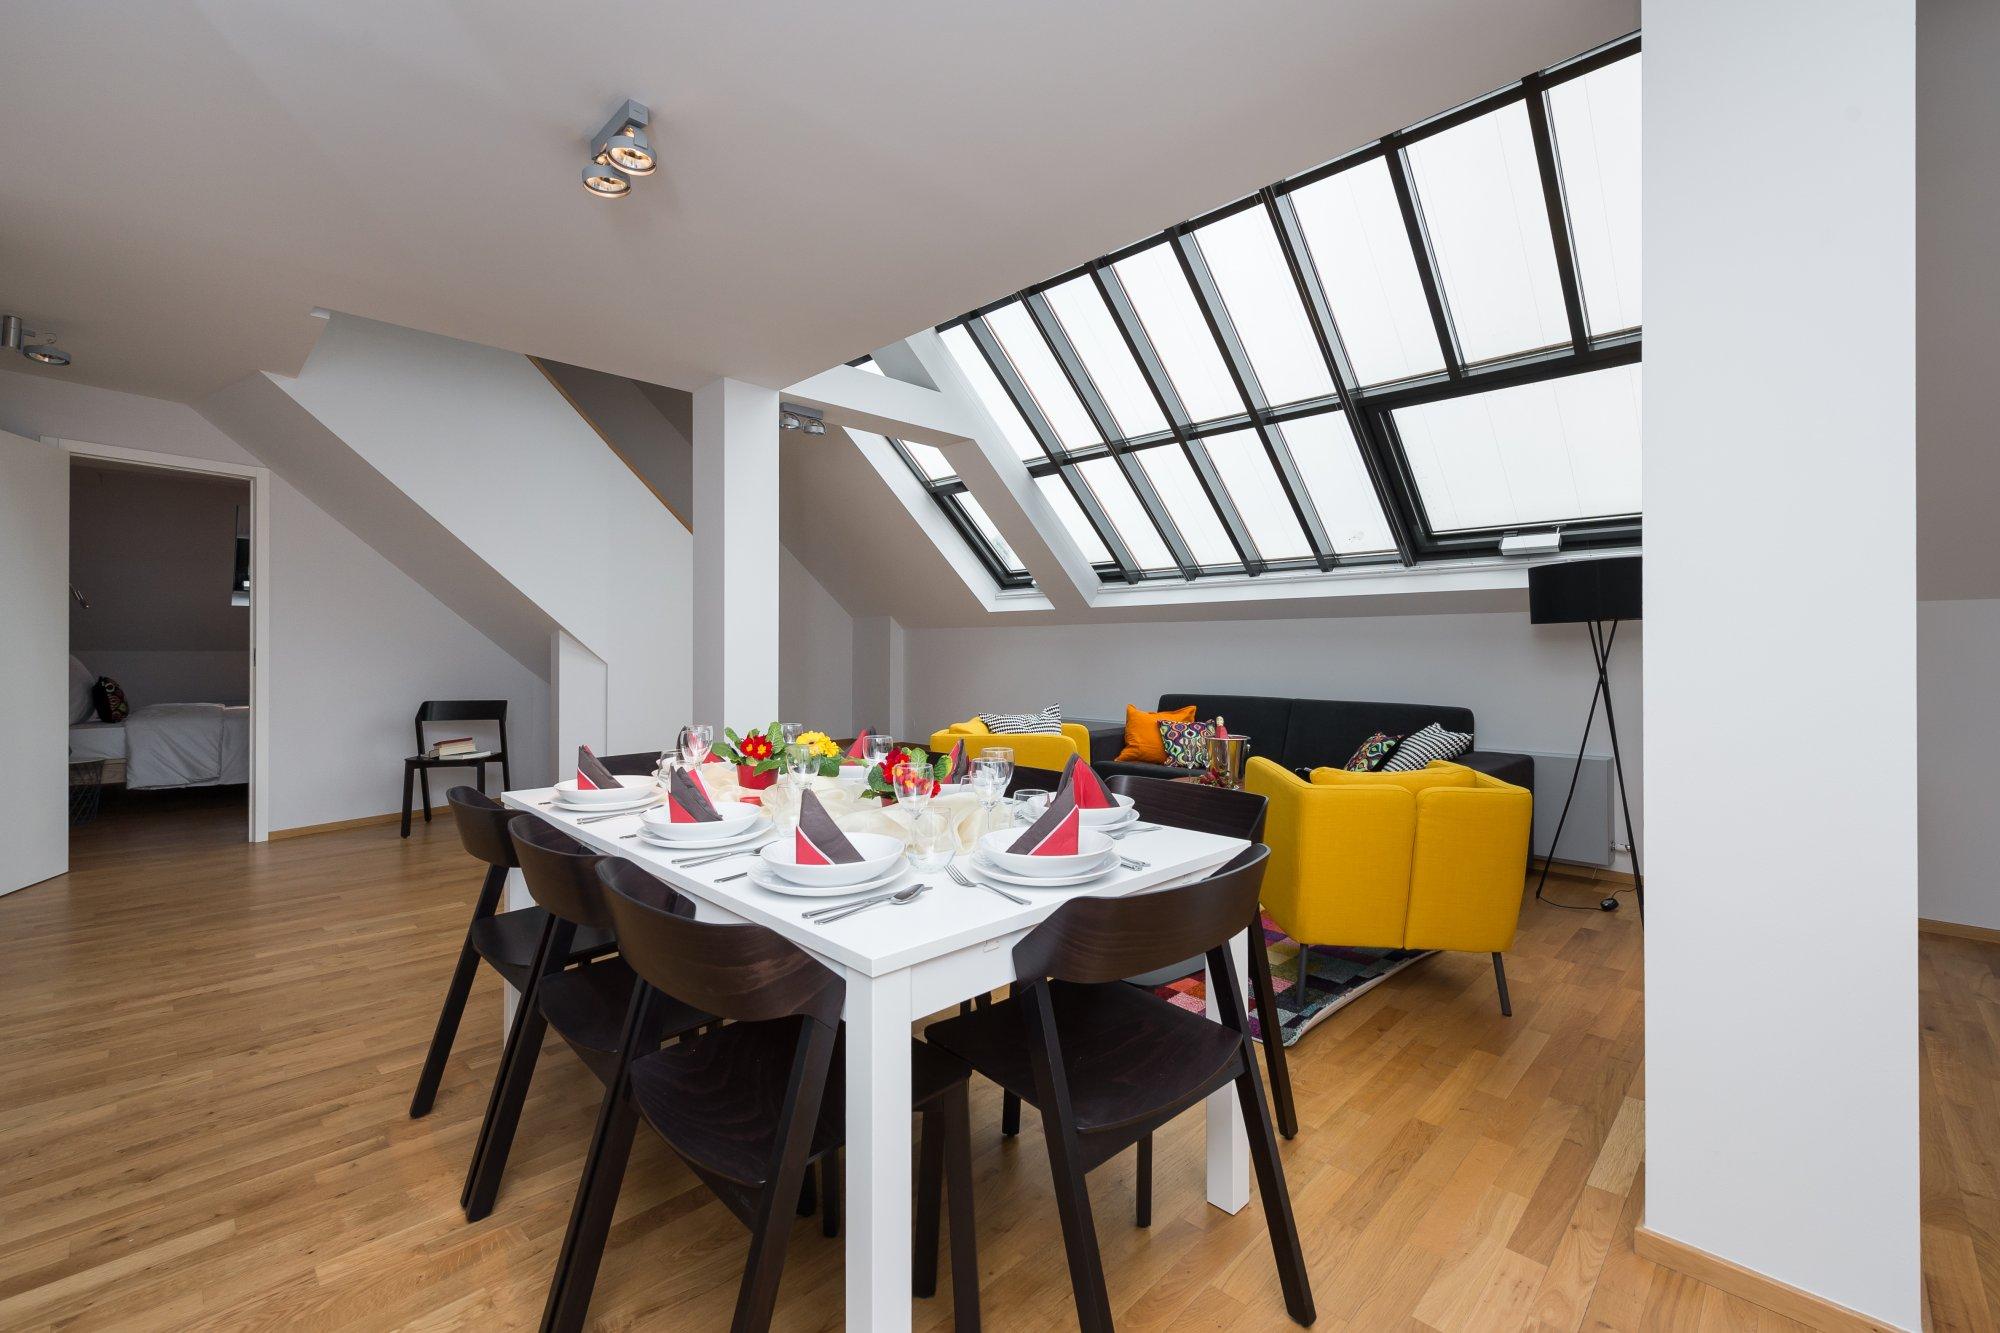 Půdní byt 4+kk, plocha 143 m², ulice Růžová, Praha 1 - Nové Město | 3